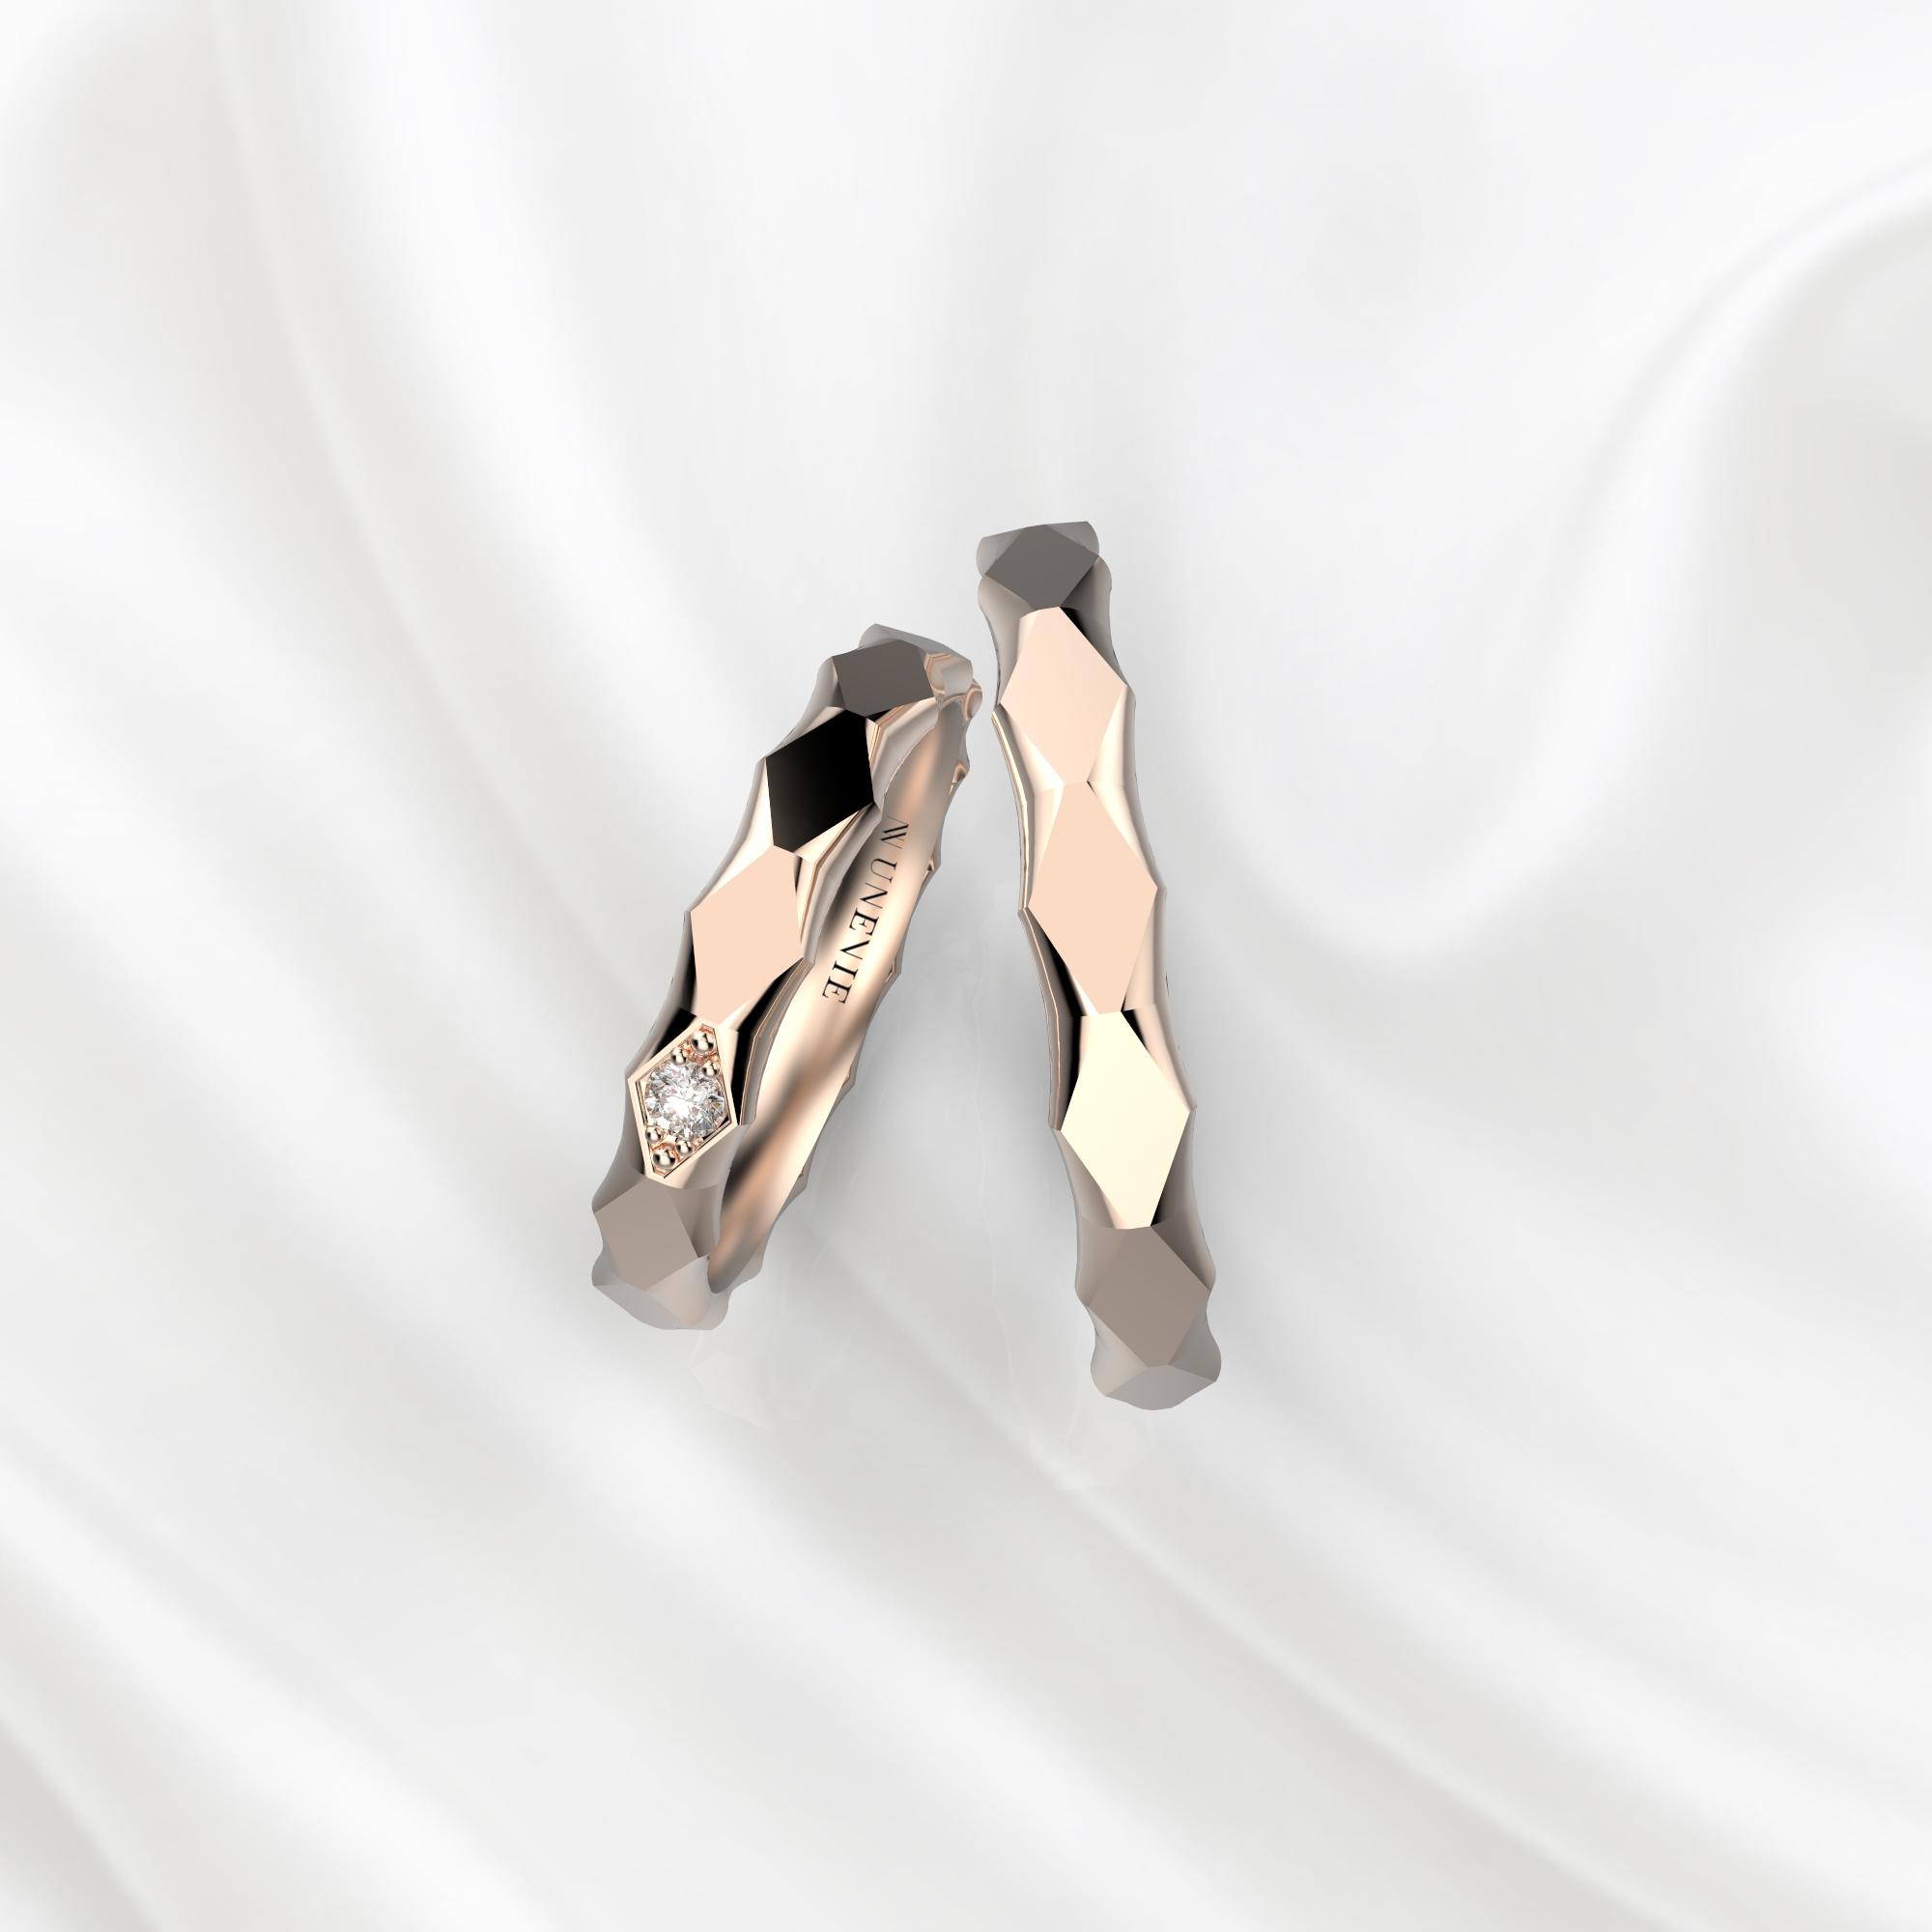 NV62 Парные обручальные кольца из розового золота с бриллиантом